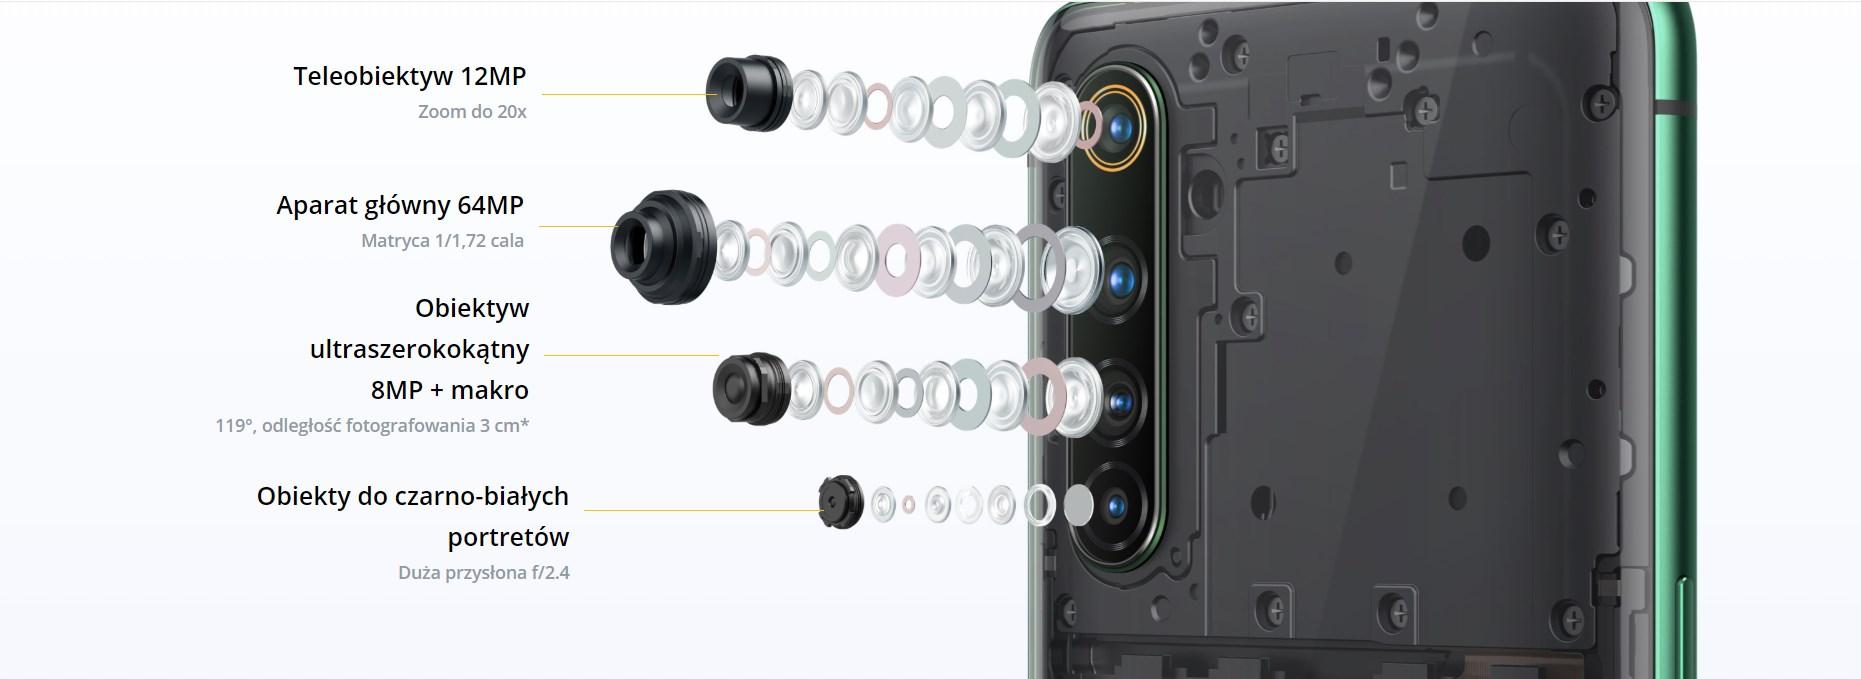 Aparaty w Realme x50 pro 5g